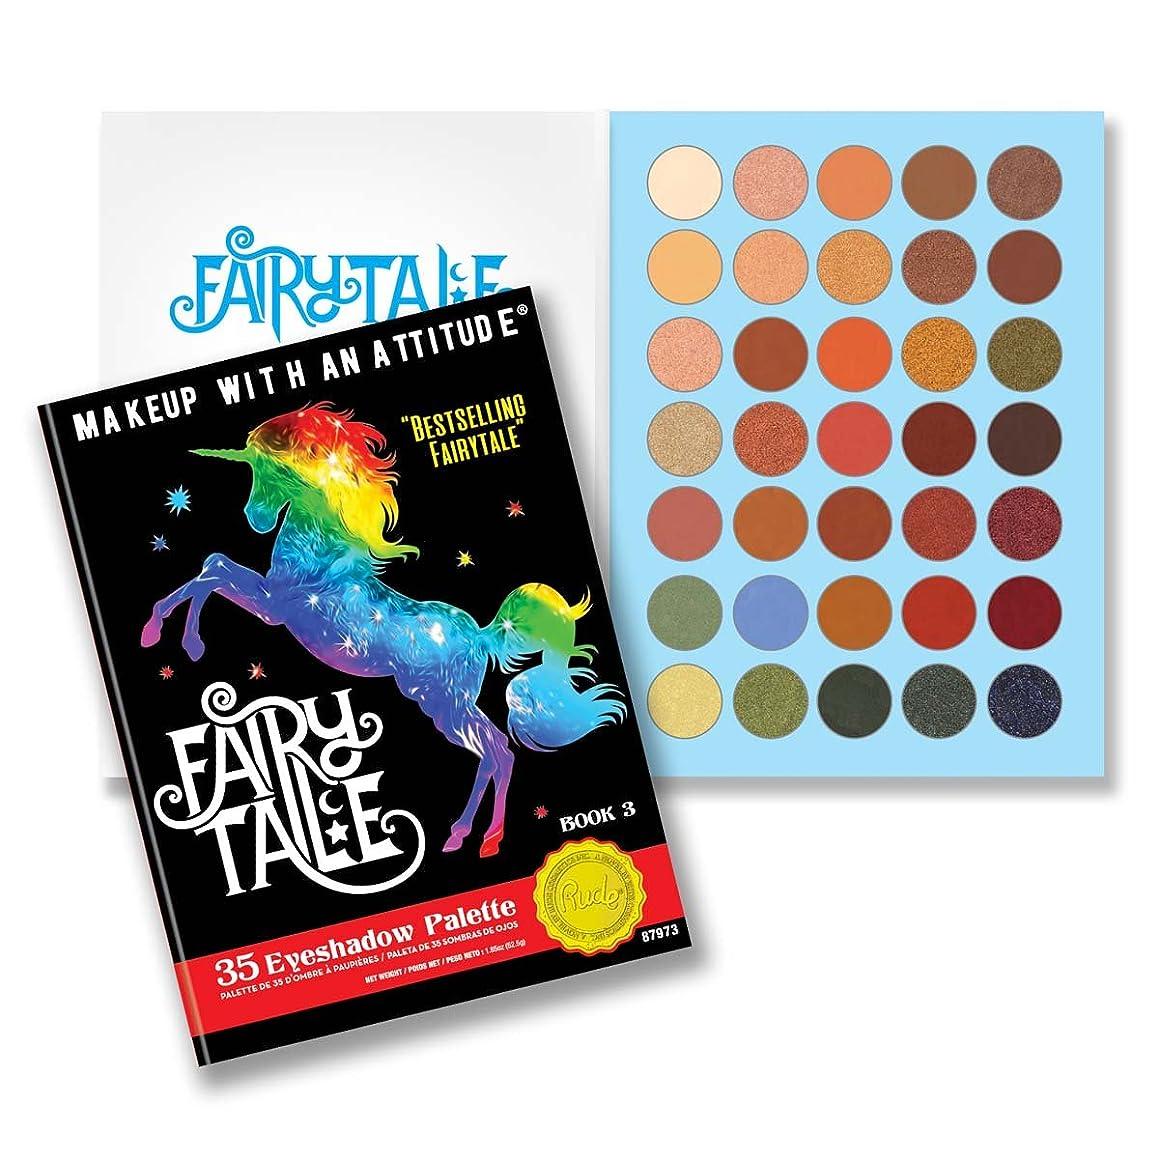 クモダムカメラ(3 Pack) RUDE Fairy Tales 35 Eyeshadow Palette - Book 3 (並行輸入品)